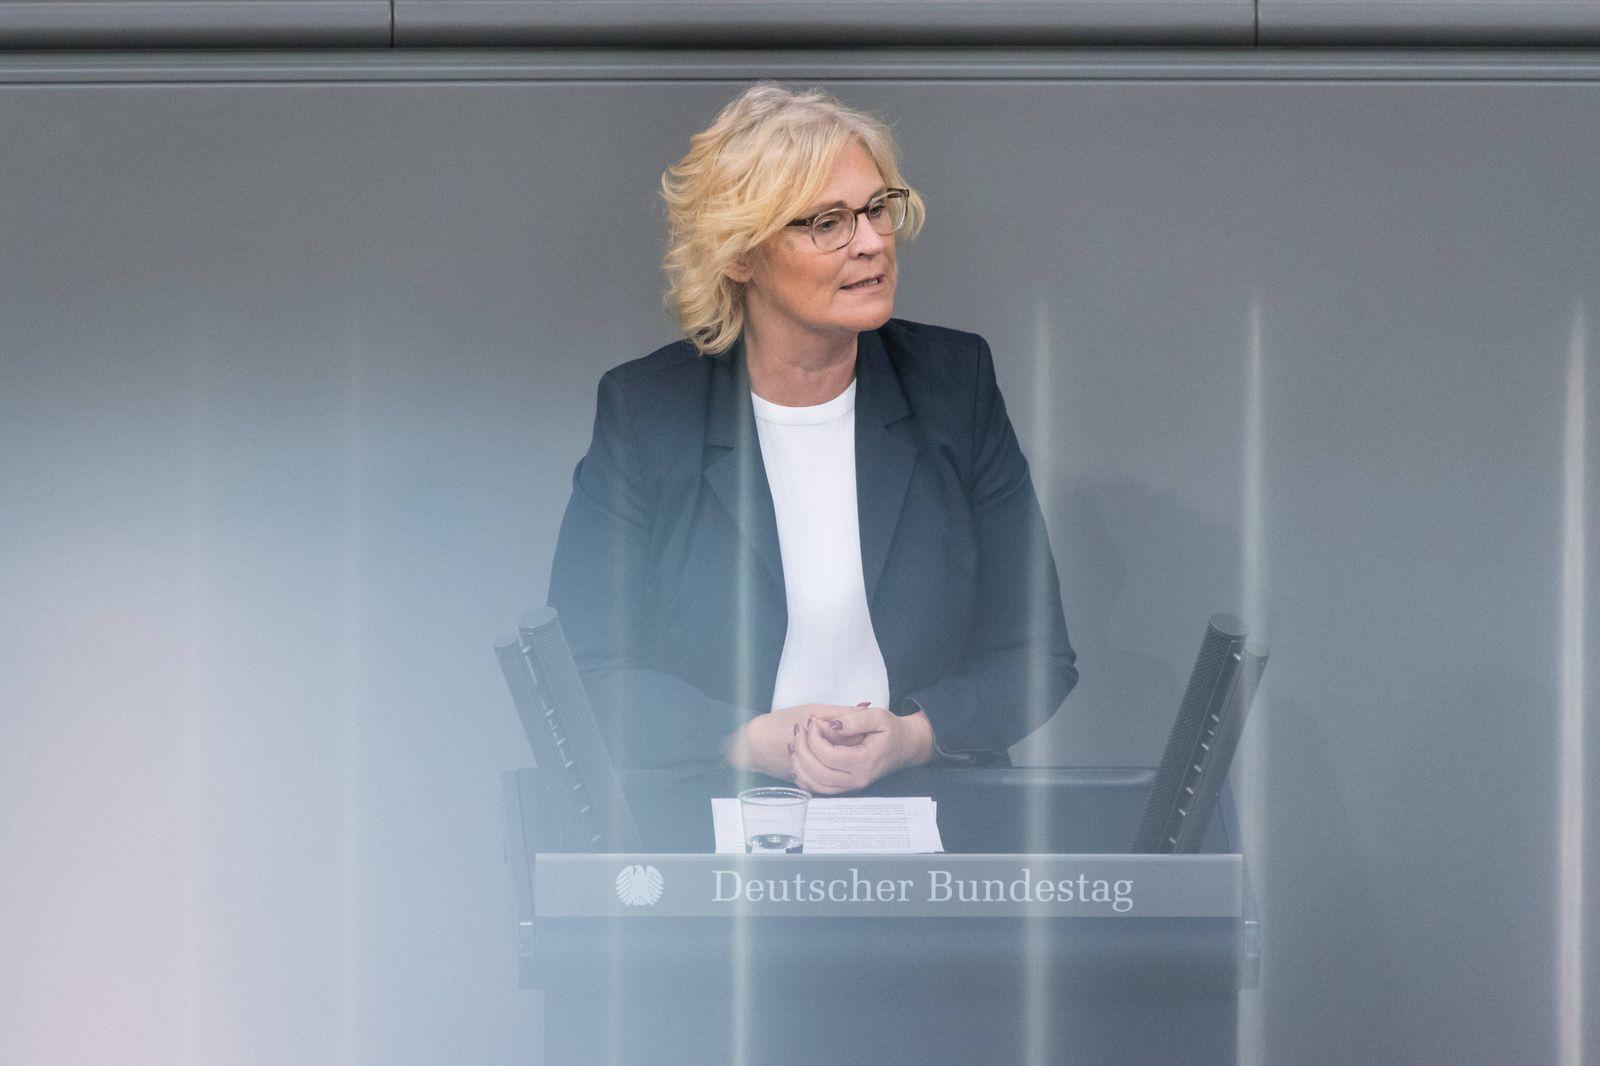 Berlin, Plenarsitzung im Bundestag Deutschland, Berlin - 06.05.2020: Im Bild ist Christine Lambrecht (Bundesministerin